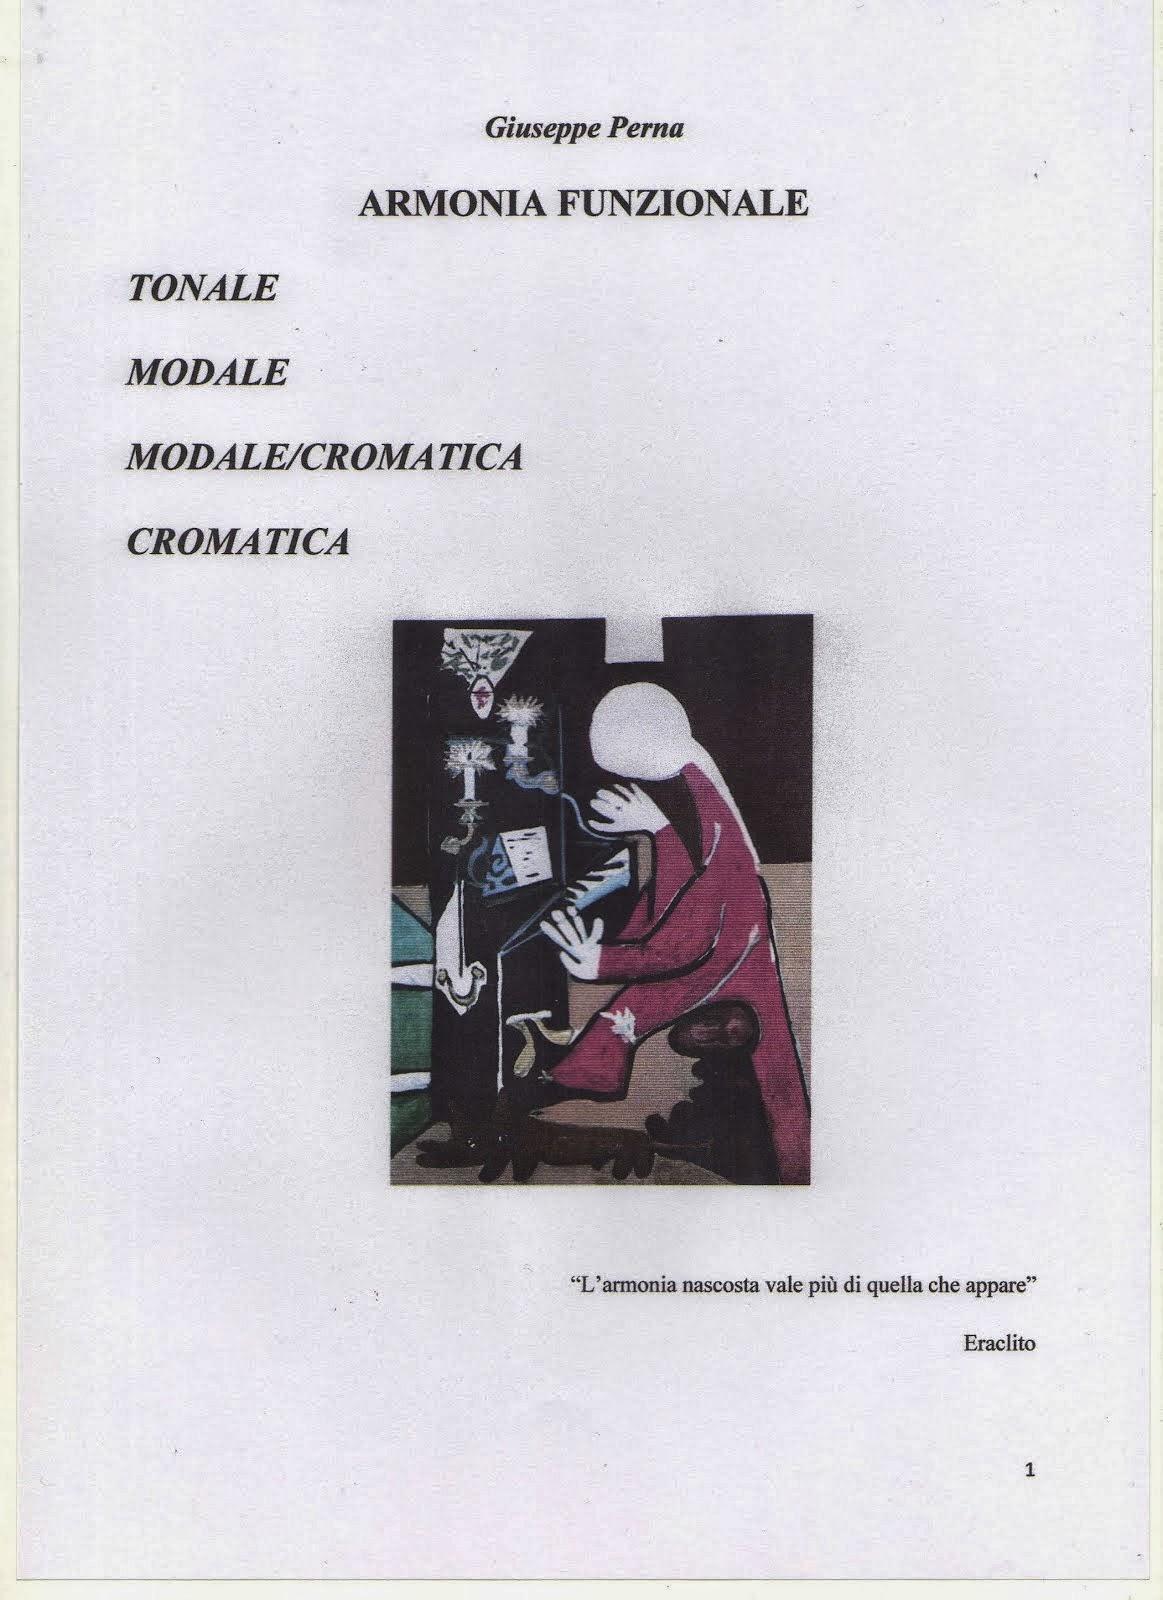 ARMONIA FUNZIONALE